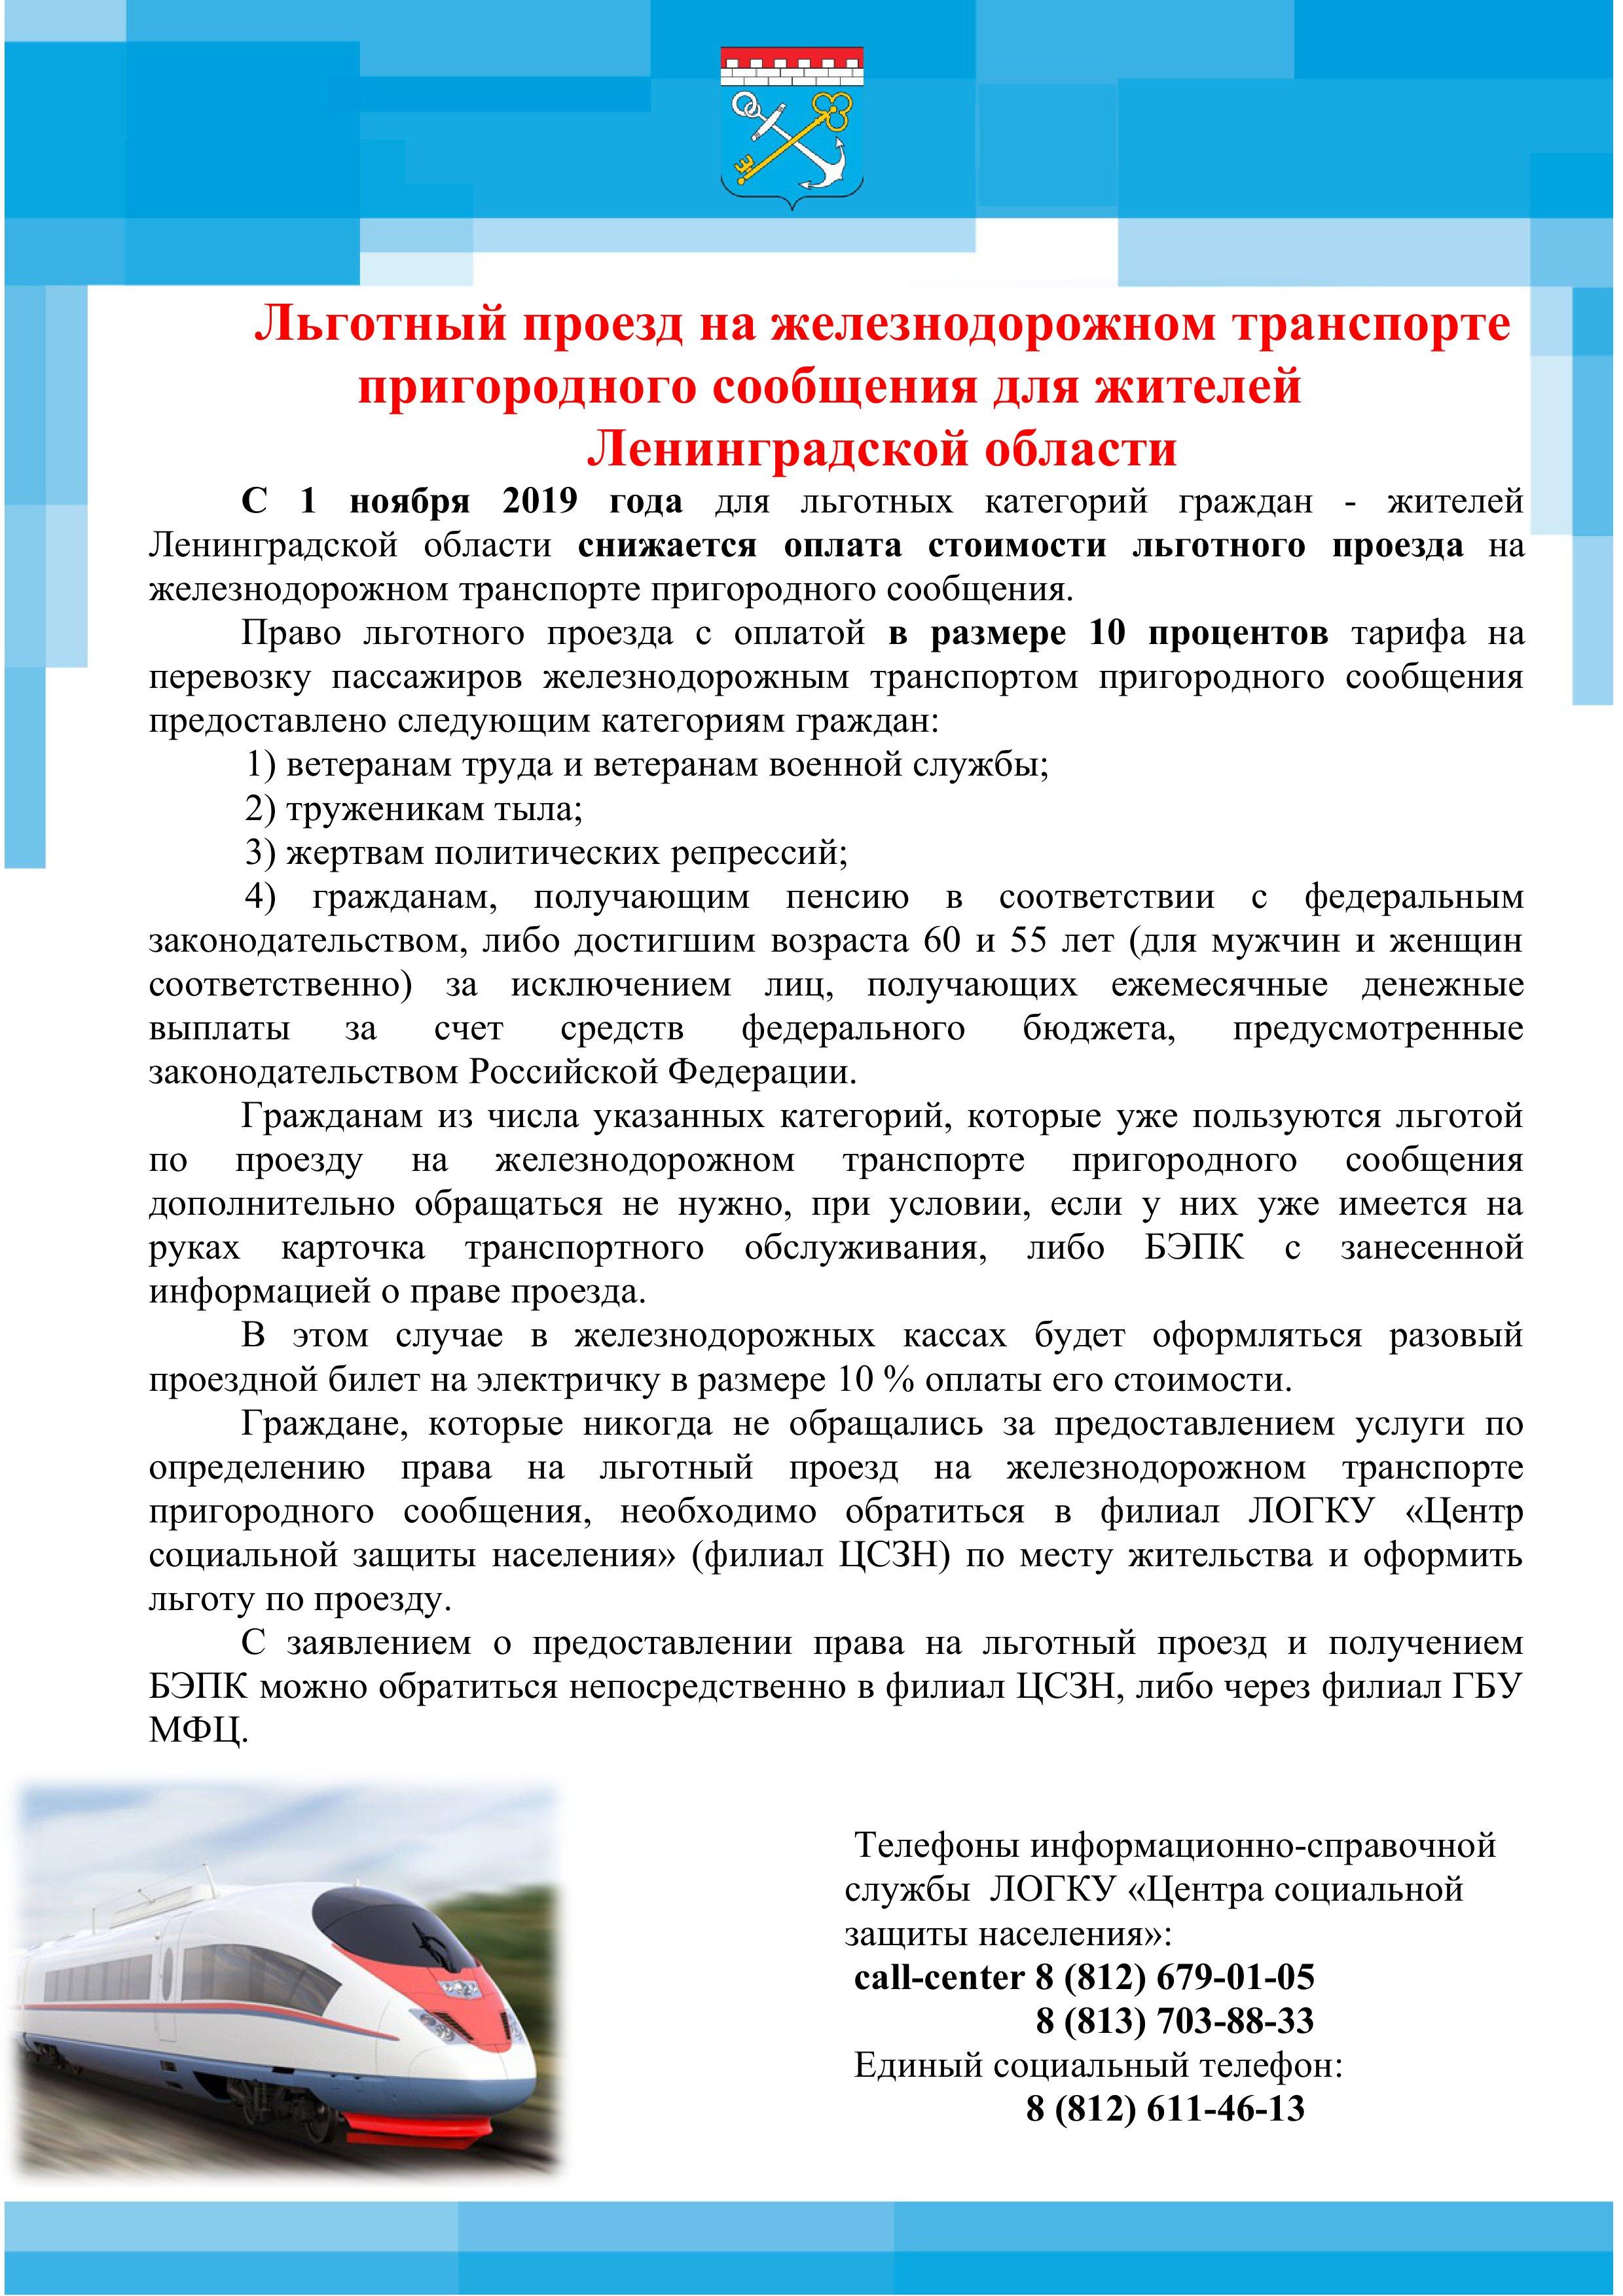 Оформление медицинской книжки официально Озеры стоимость